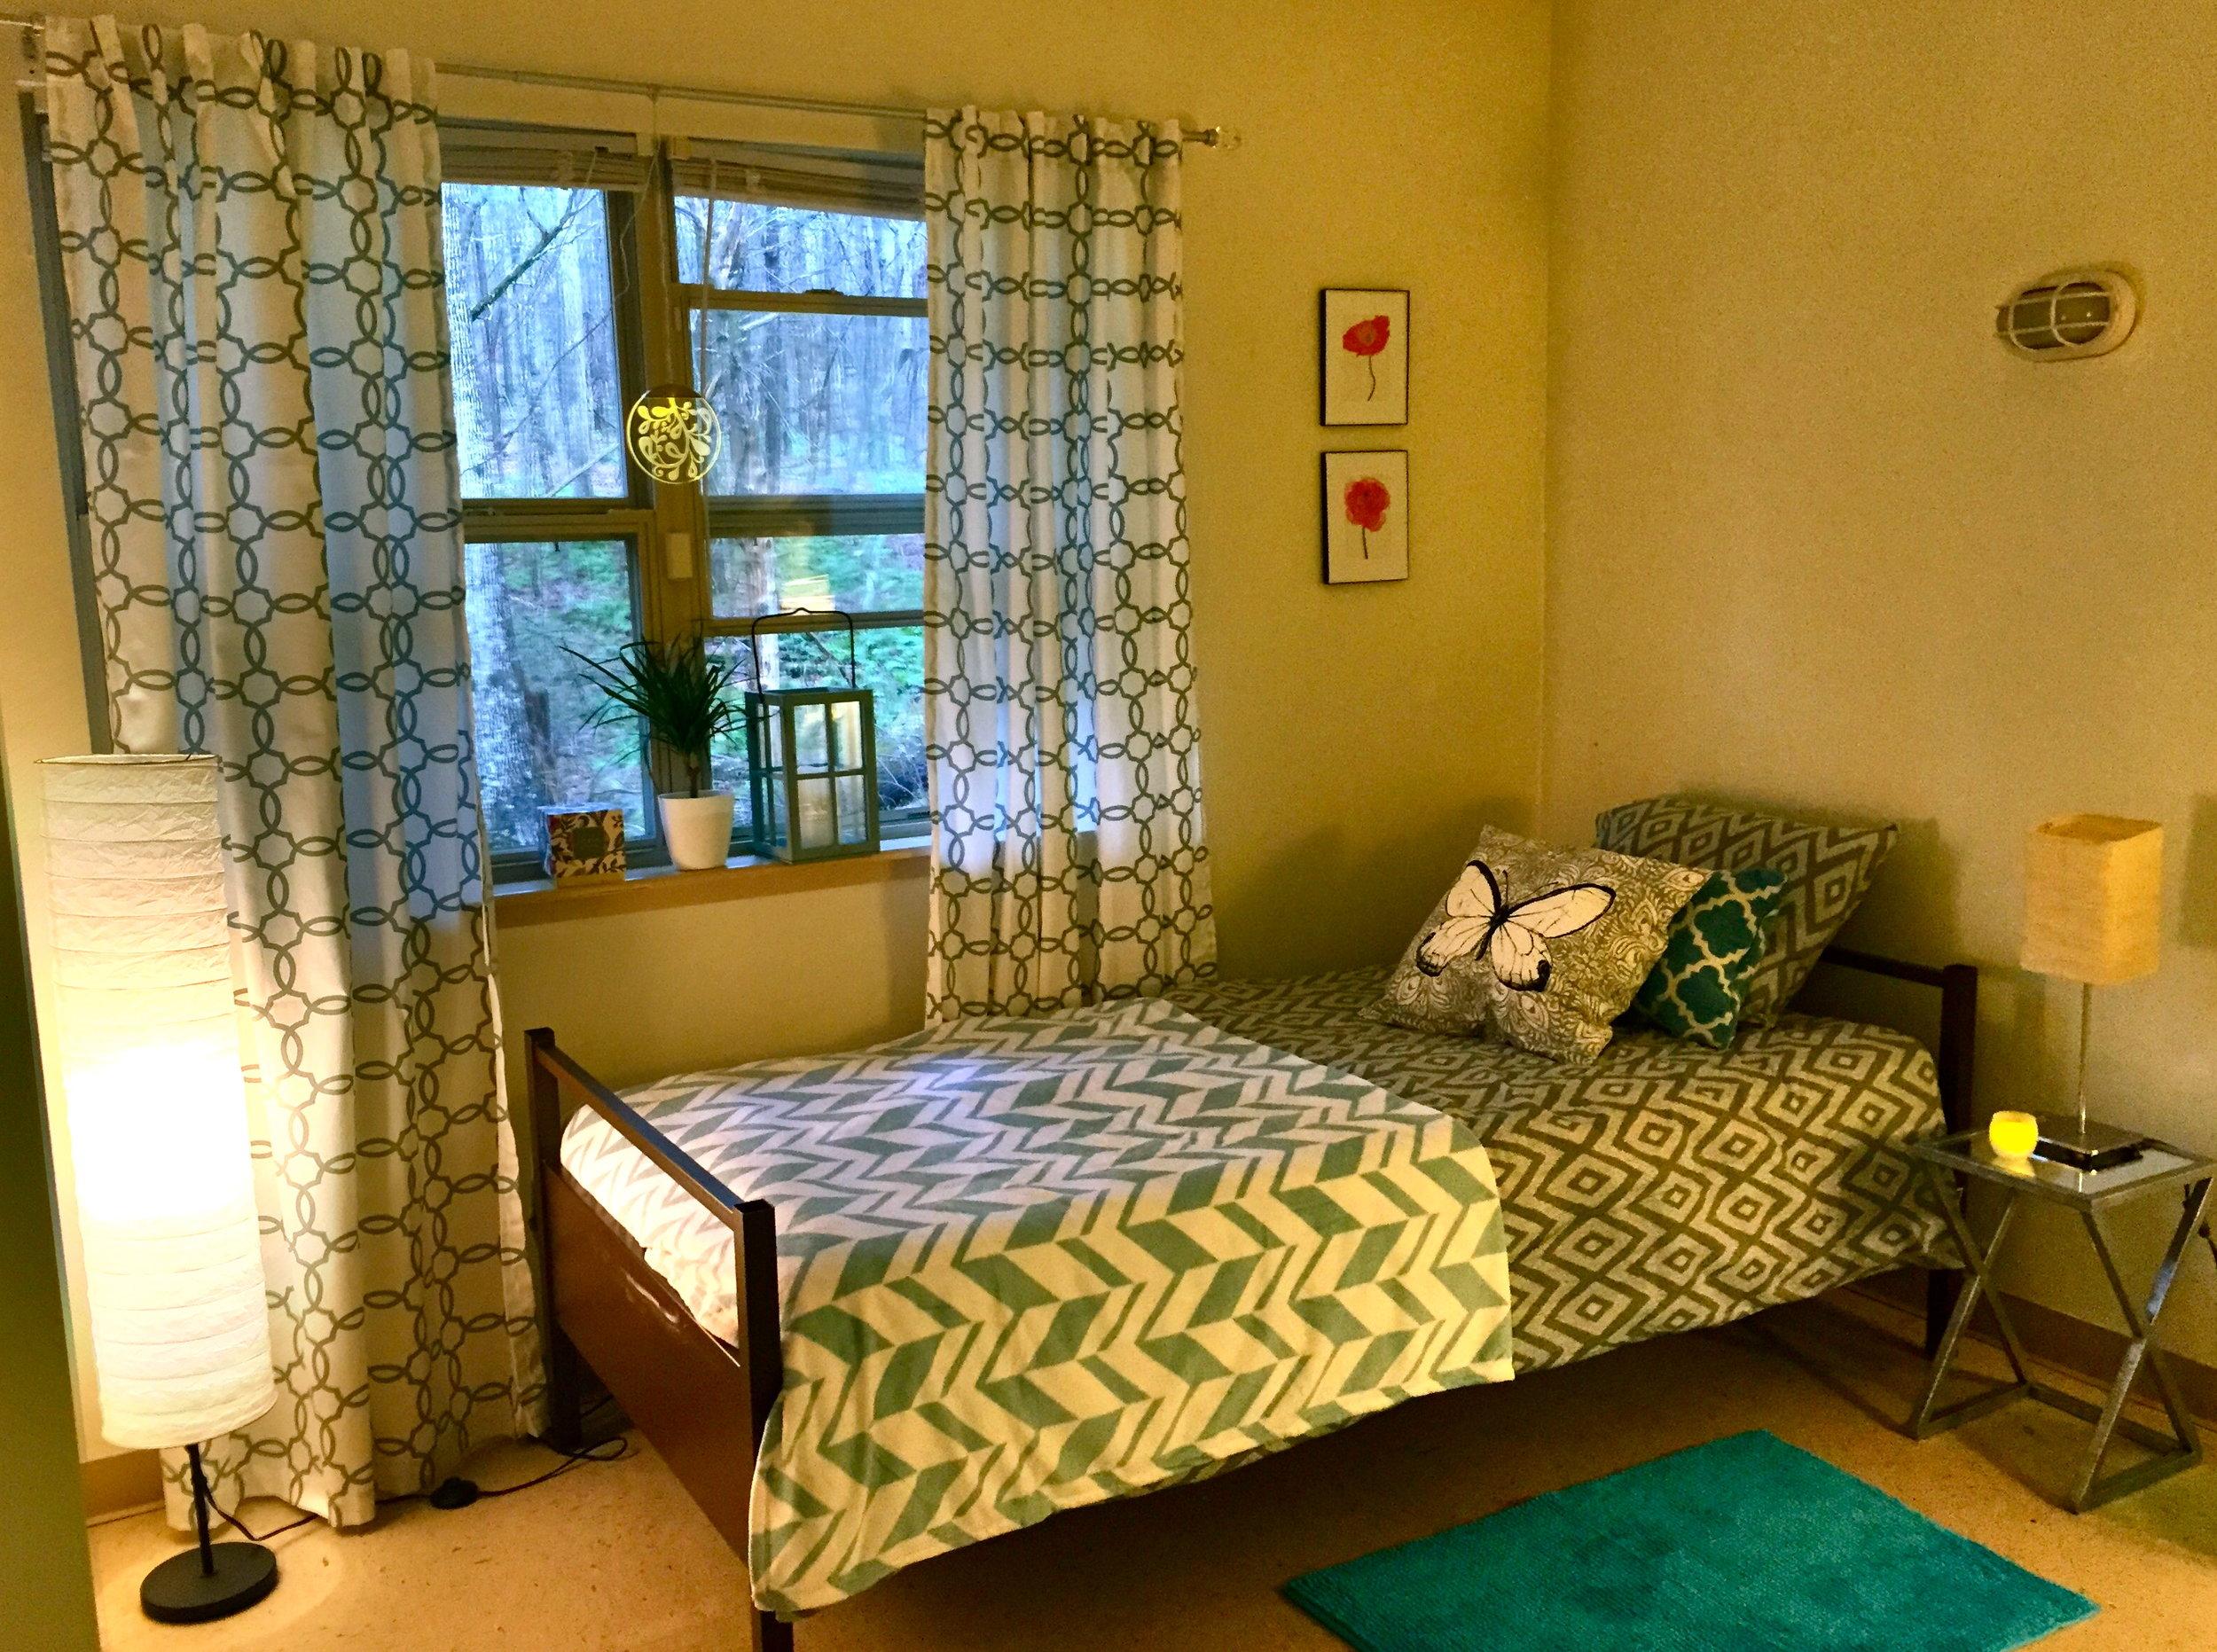 Homestart Bedroom After